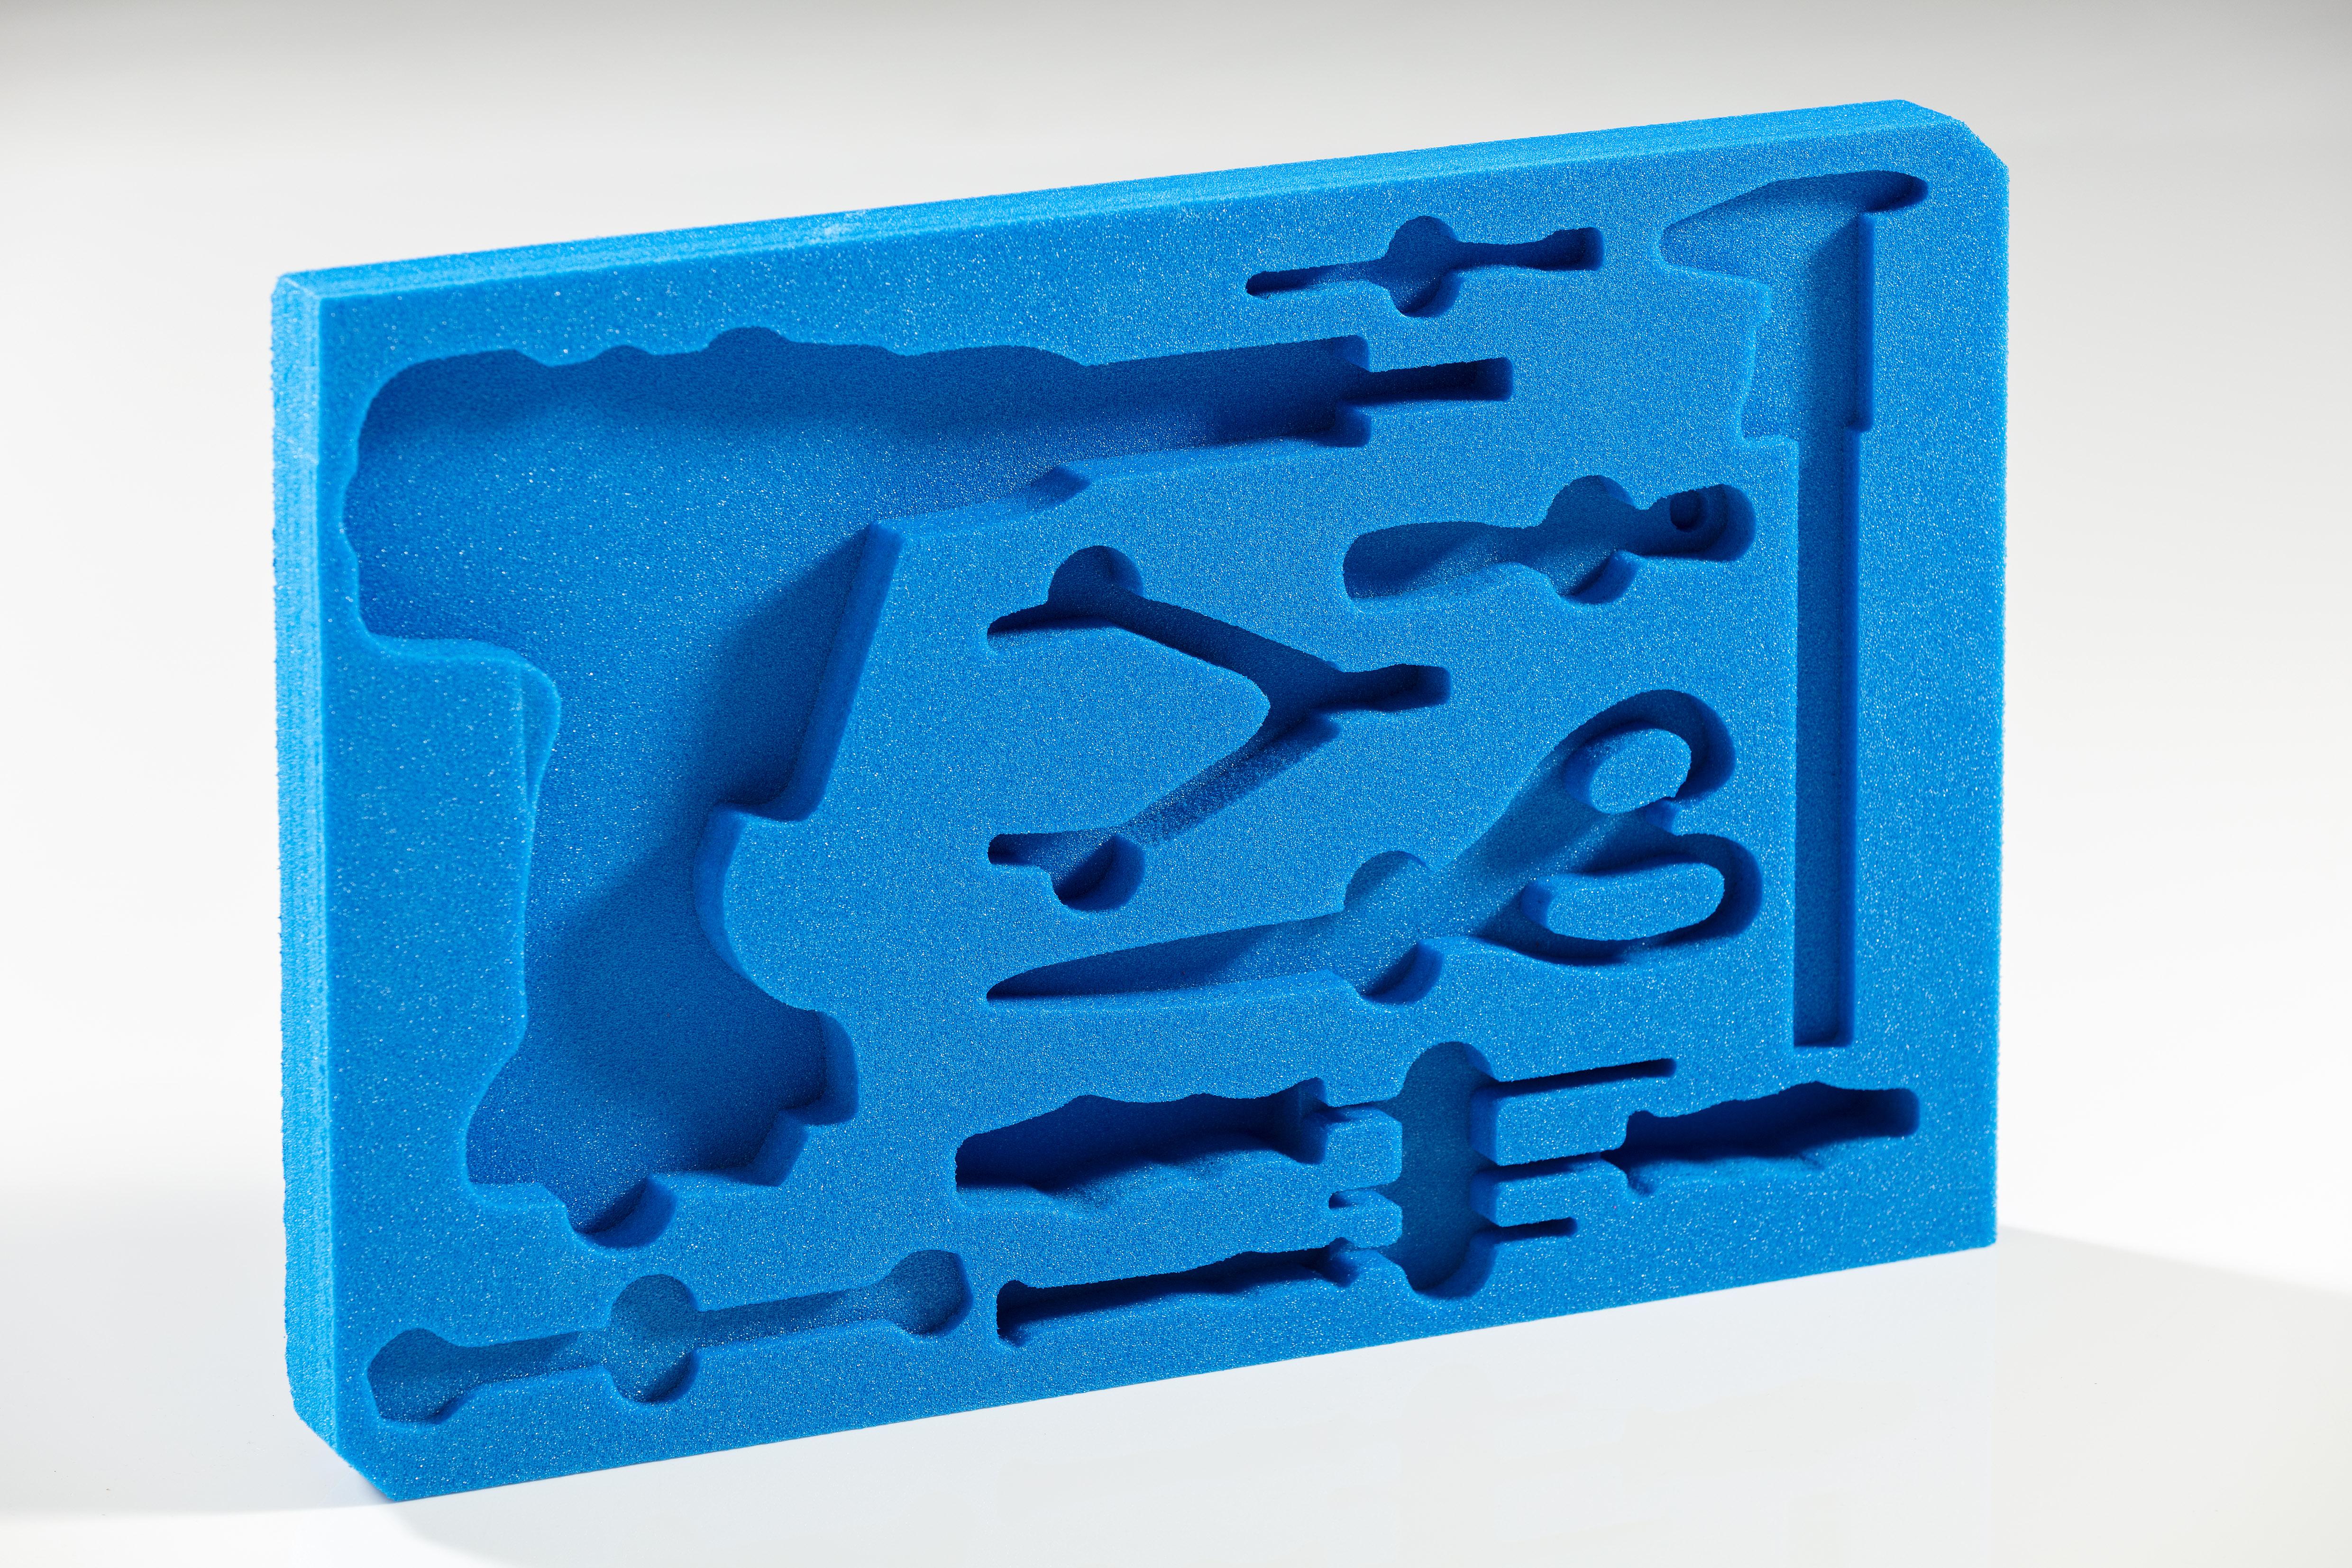 Maat verpakking – gereedschap verpakkingen 2 Maat verpakking